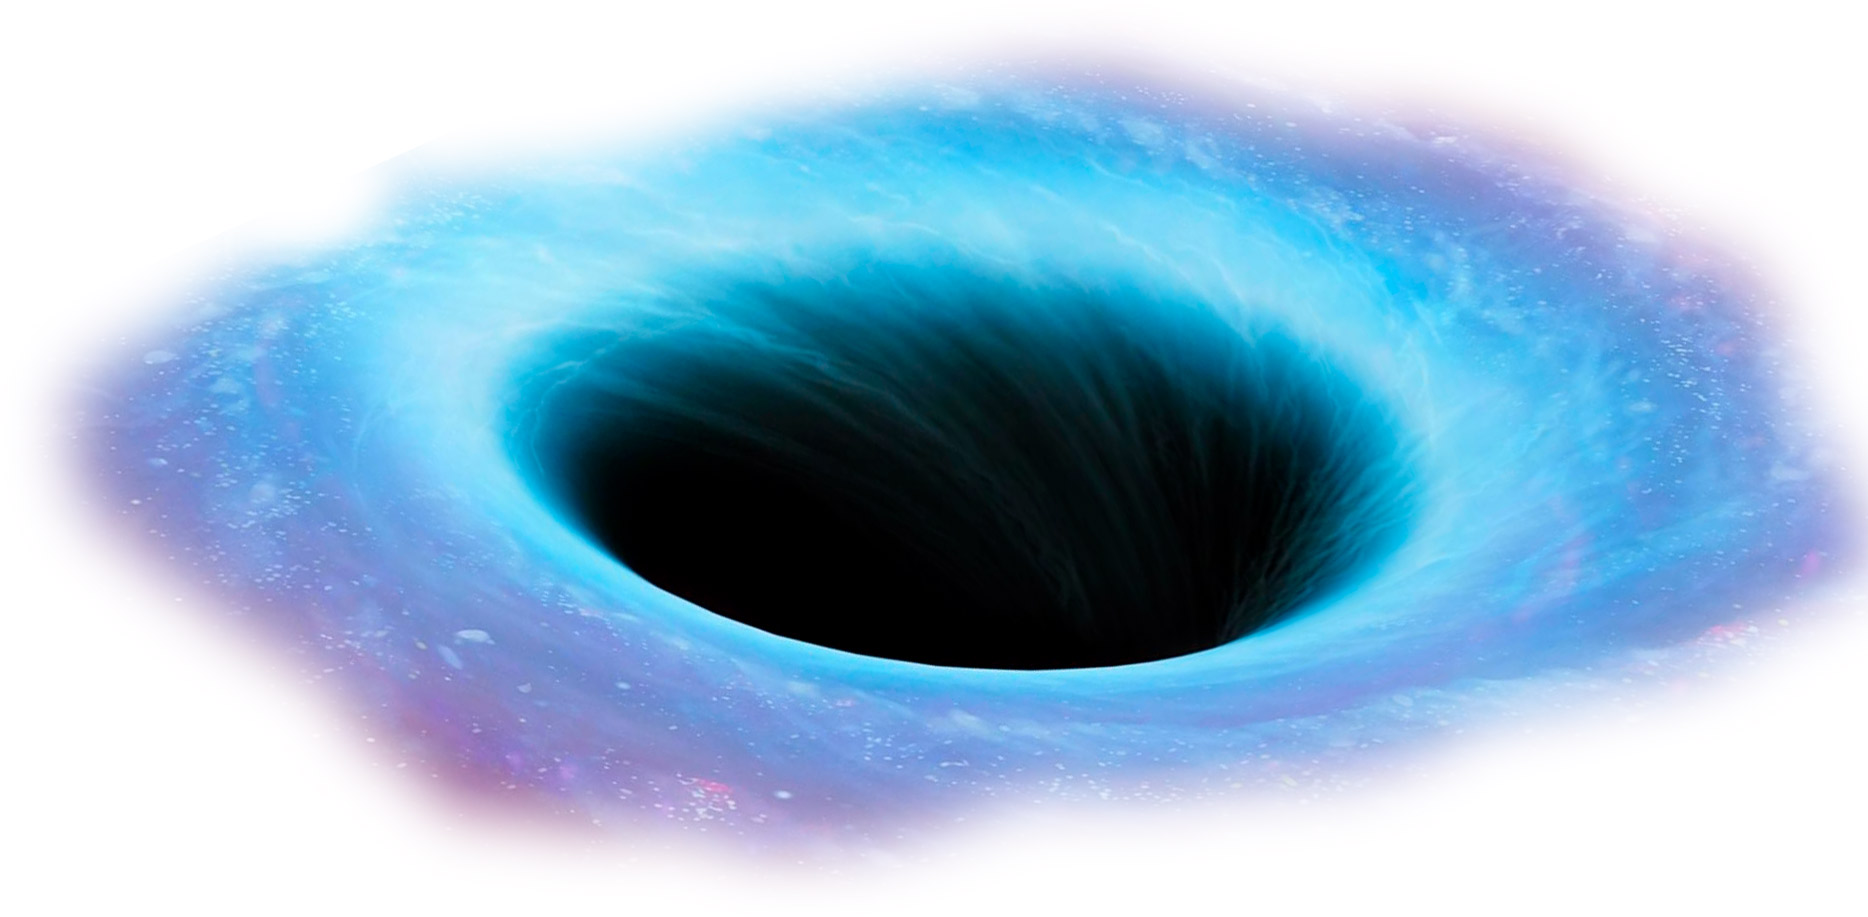 Что такое Вселенная? У физиков появляются все новые ответы (4 фото)